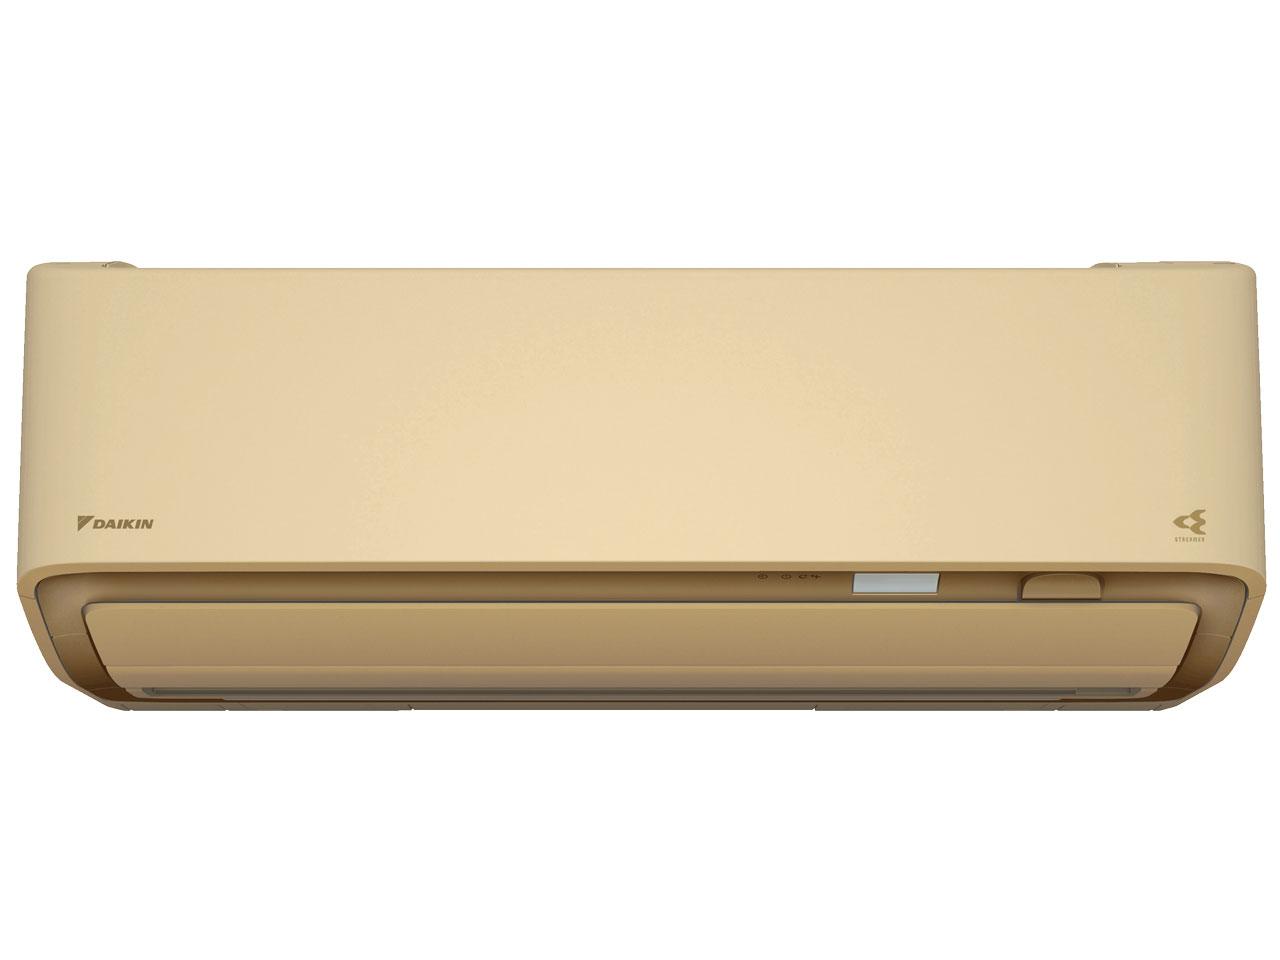 ダイキン 19年モデル うるさら7 RXシリーズ S63WTRXP-C 【200V用】20畳用冷暖房除湿エアコン